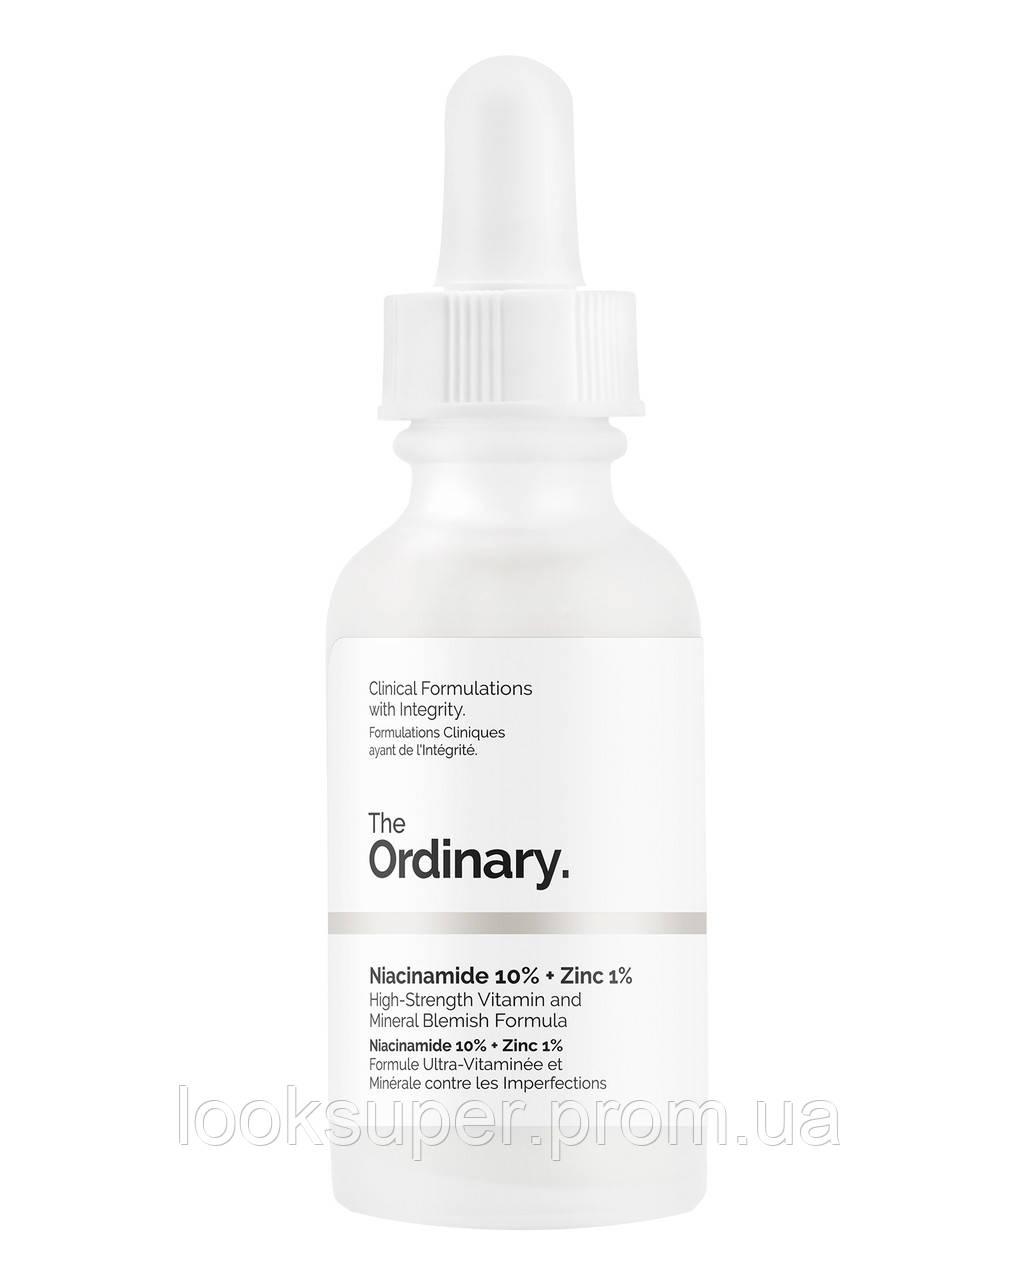 Сыворотка для проблемной кожи The Ordinary Niacinamide 10% + Zinc 1%( 30ml )